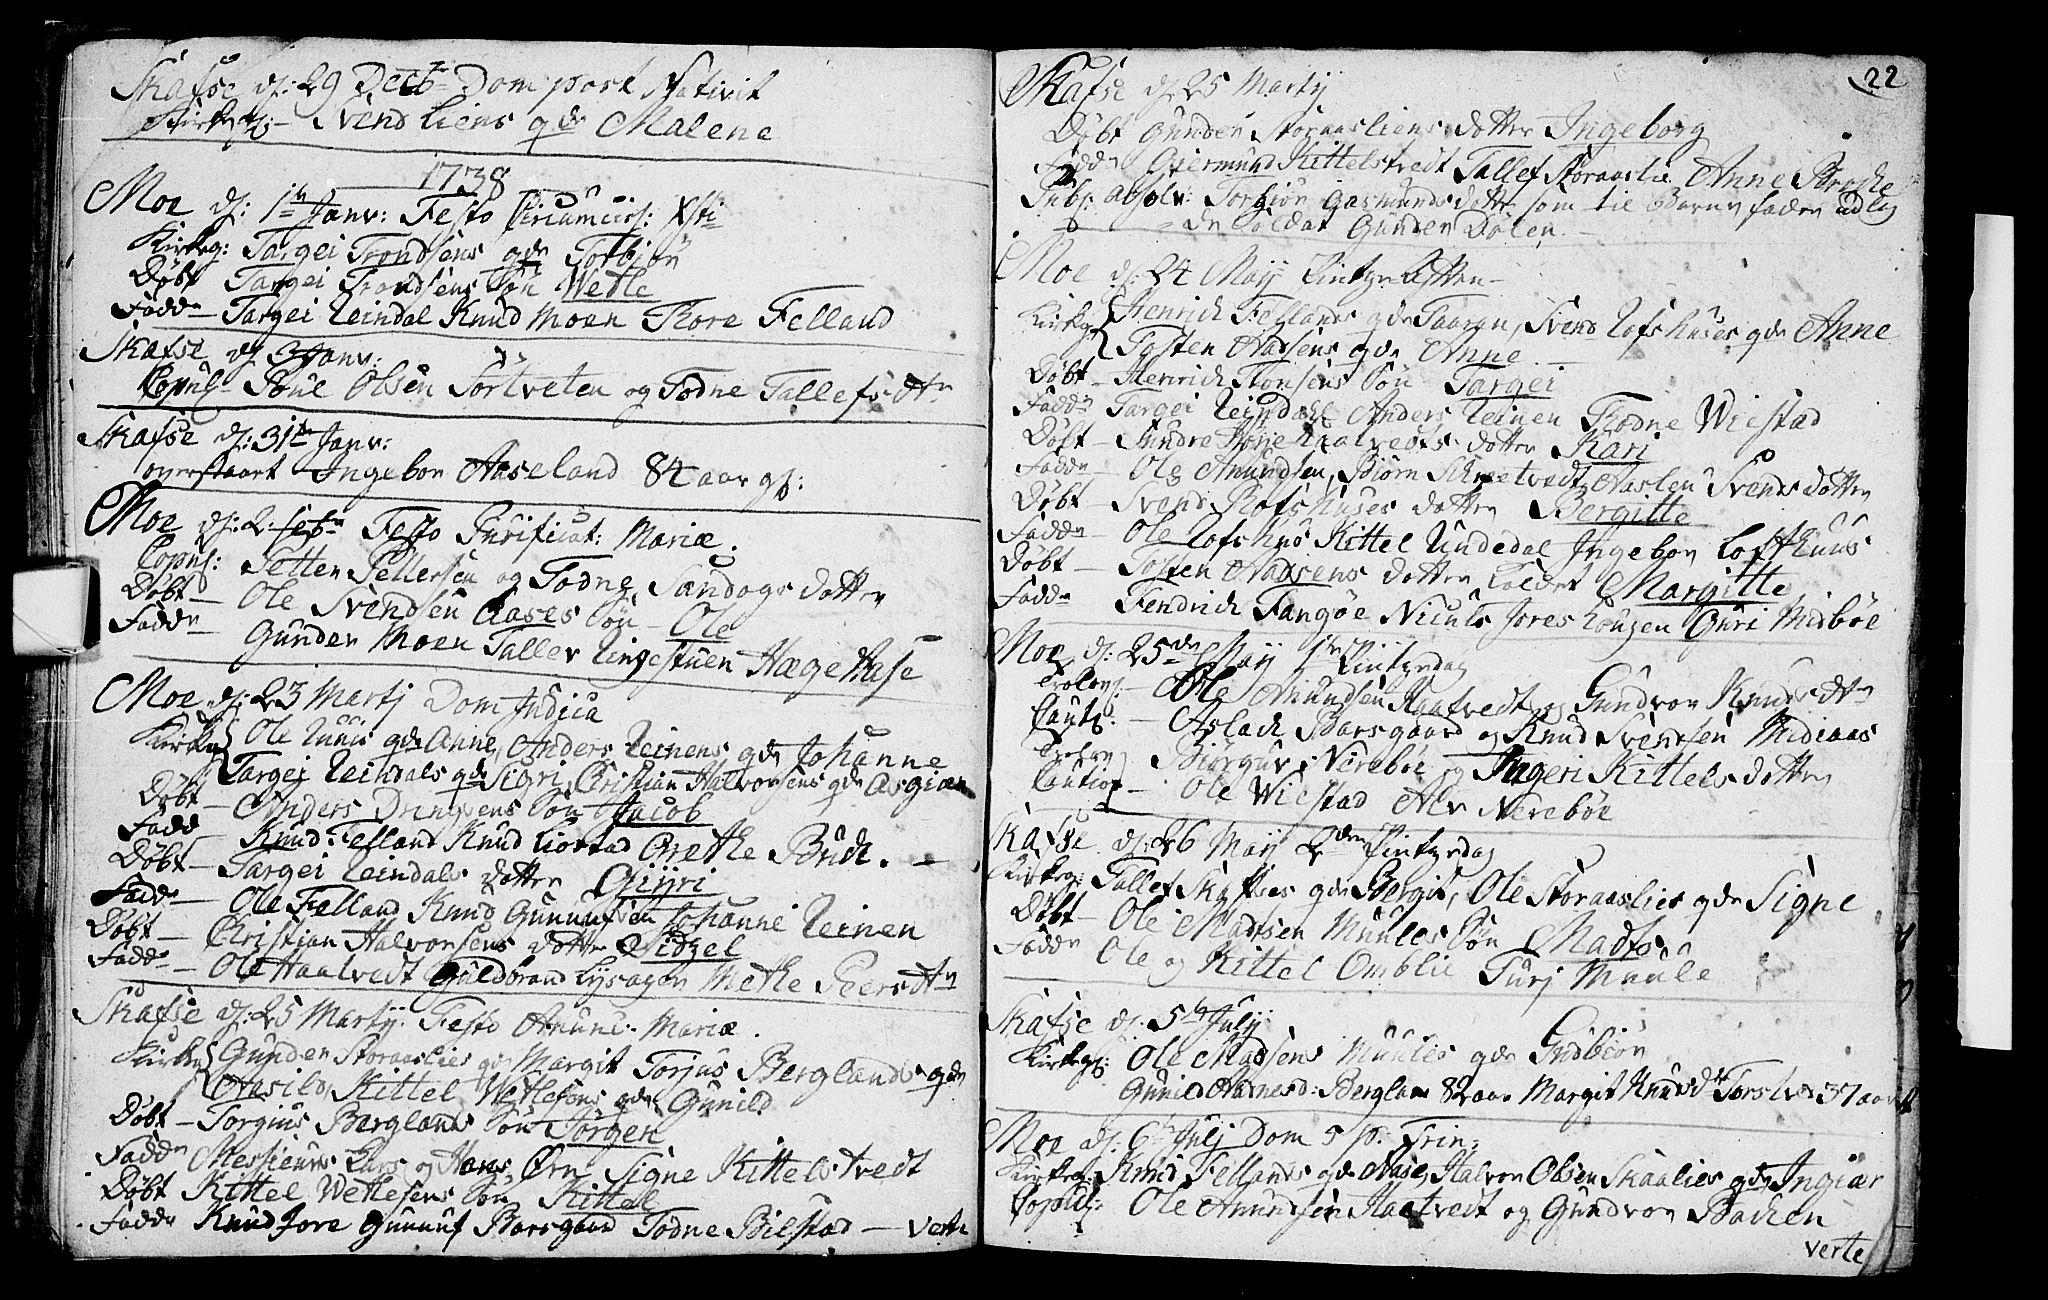 SAKO, Mo kirkebøker, F/Fa/L0001: Ministerialbok nr. I 1, 1724-1748, s. 22